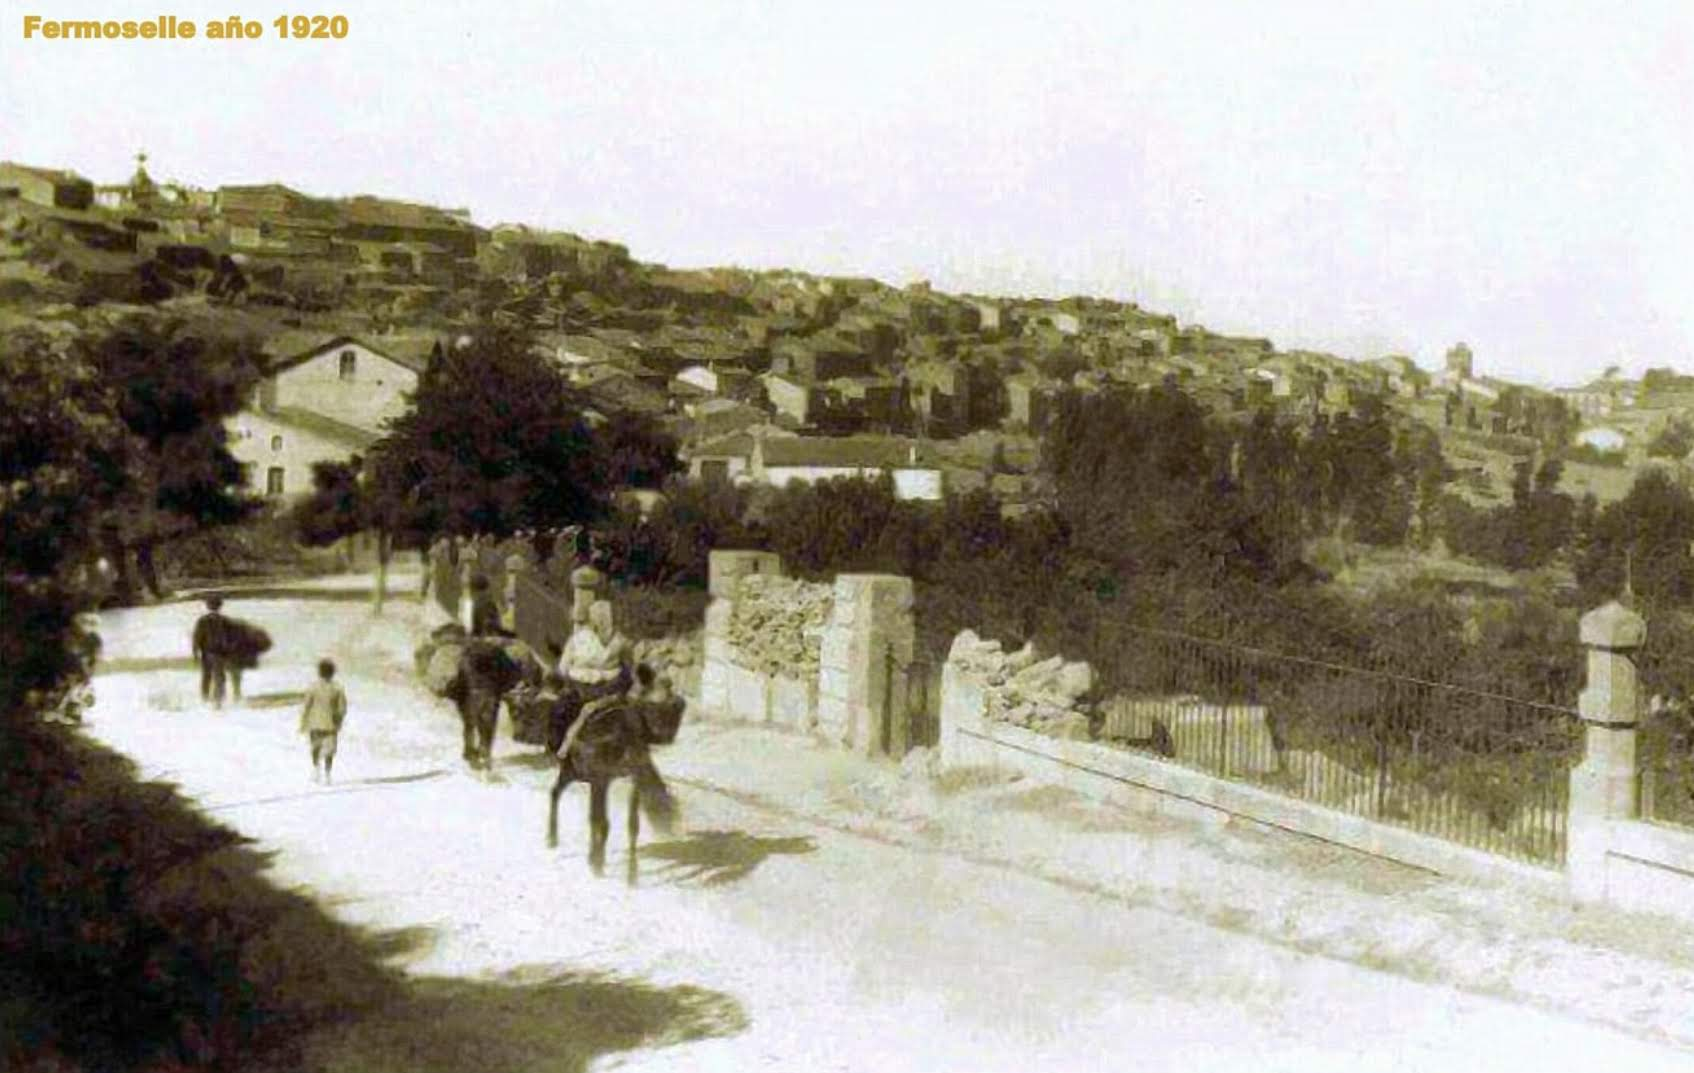 Carretera de Zamora a Fermoselle